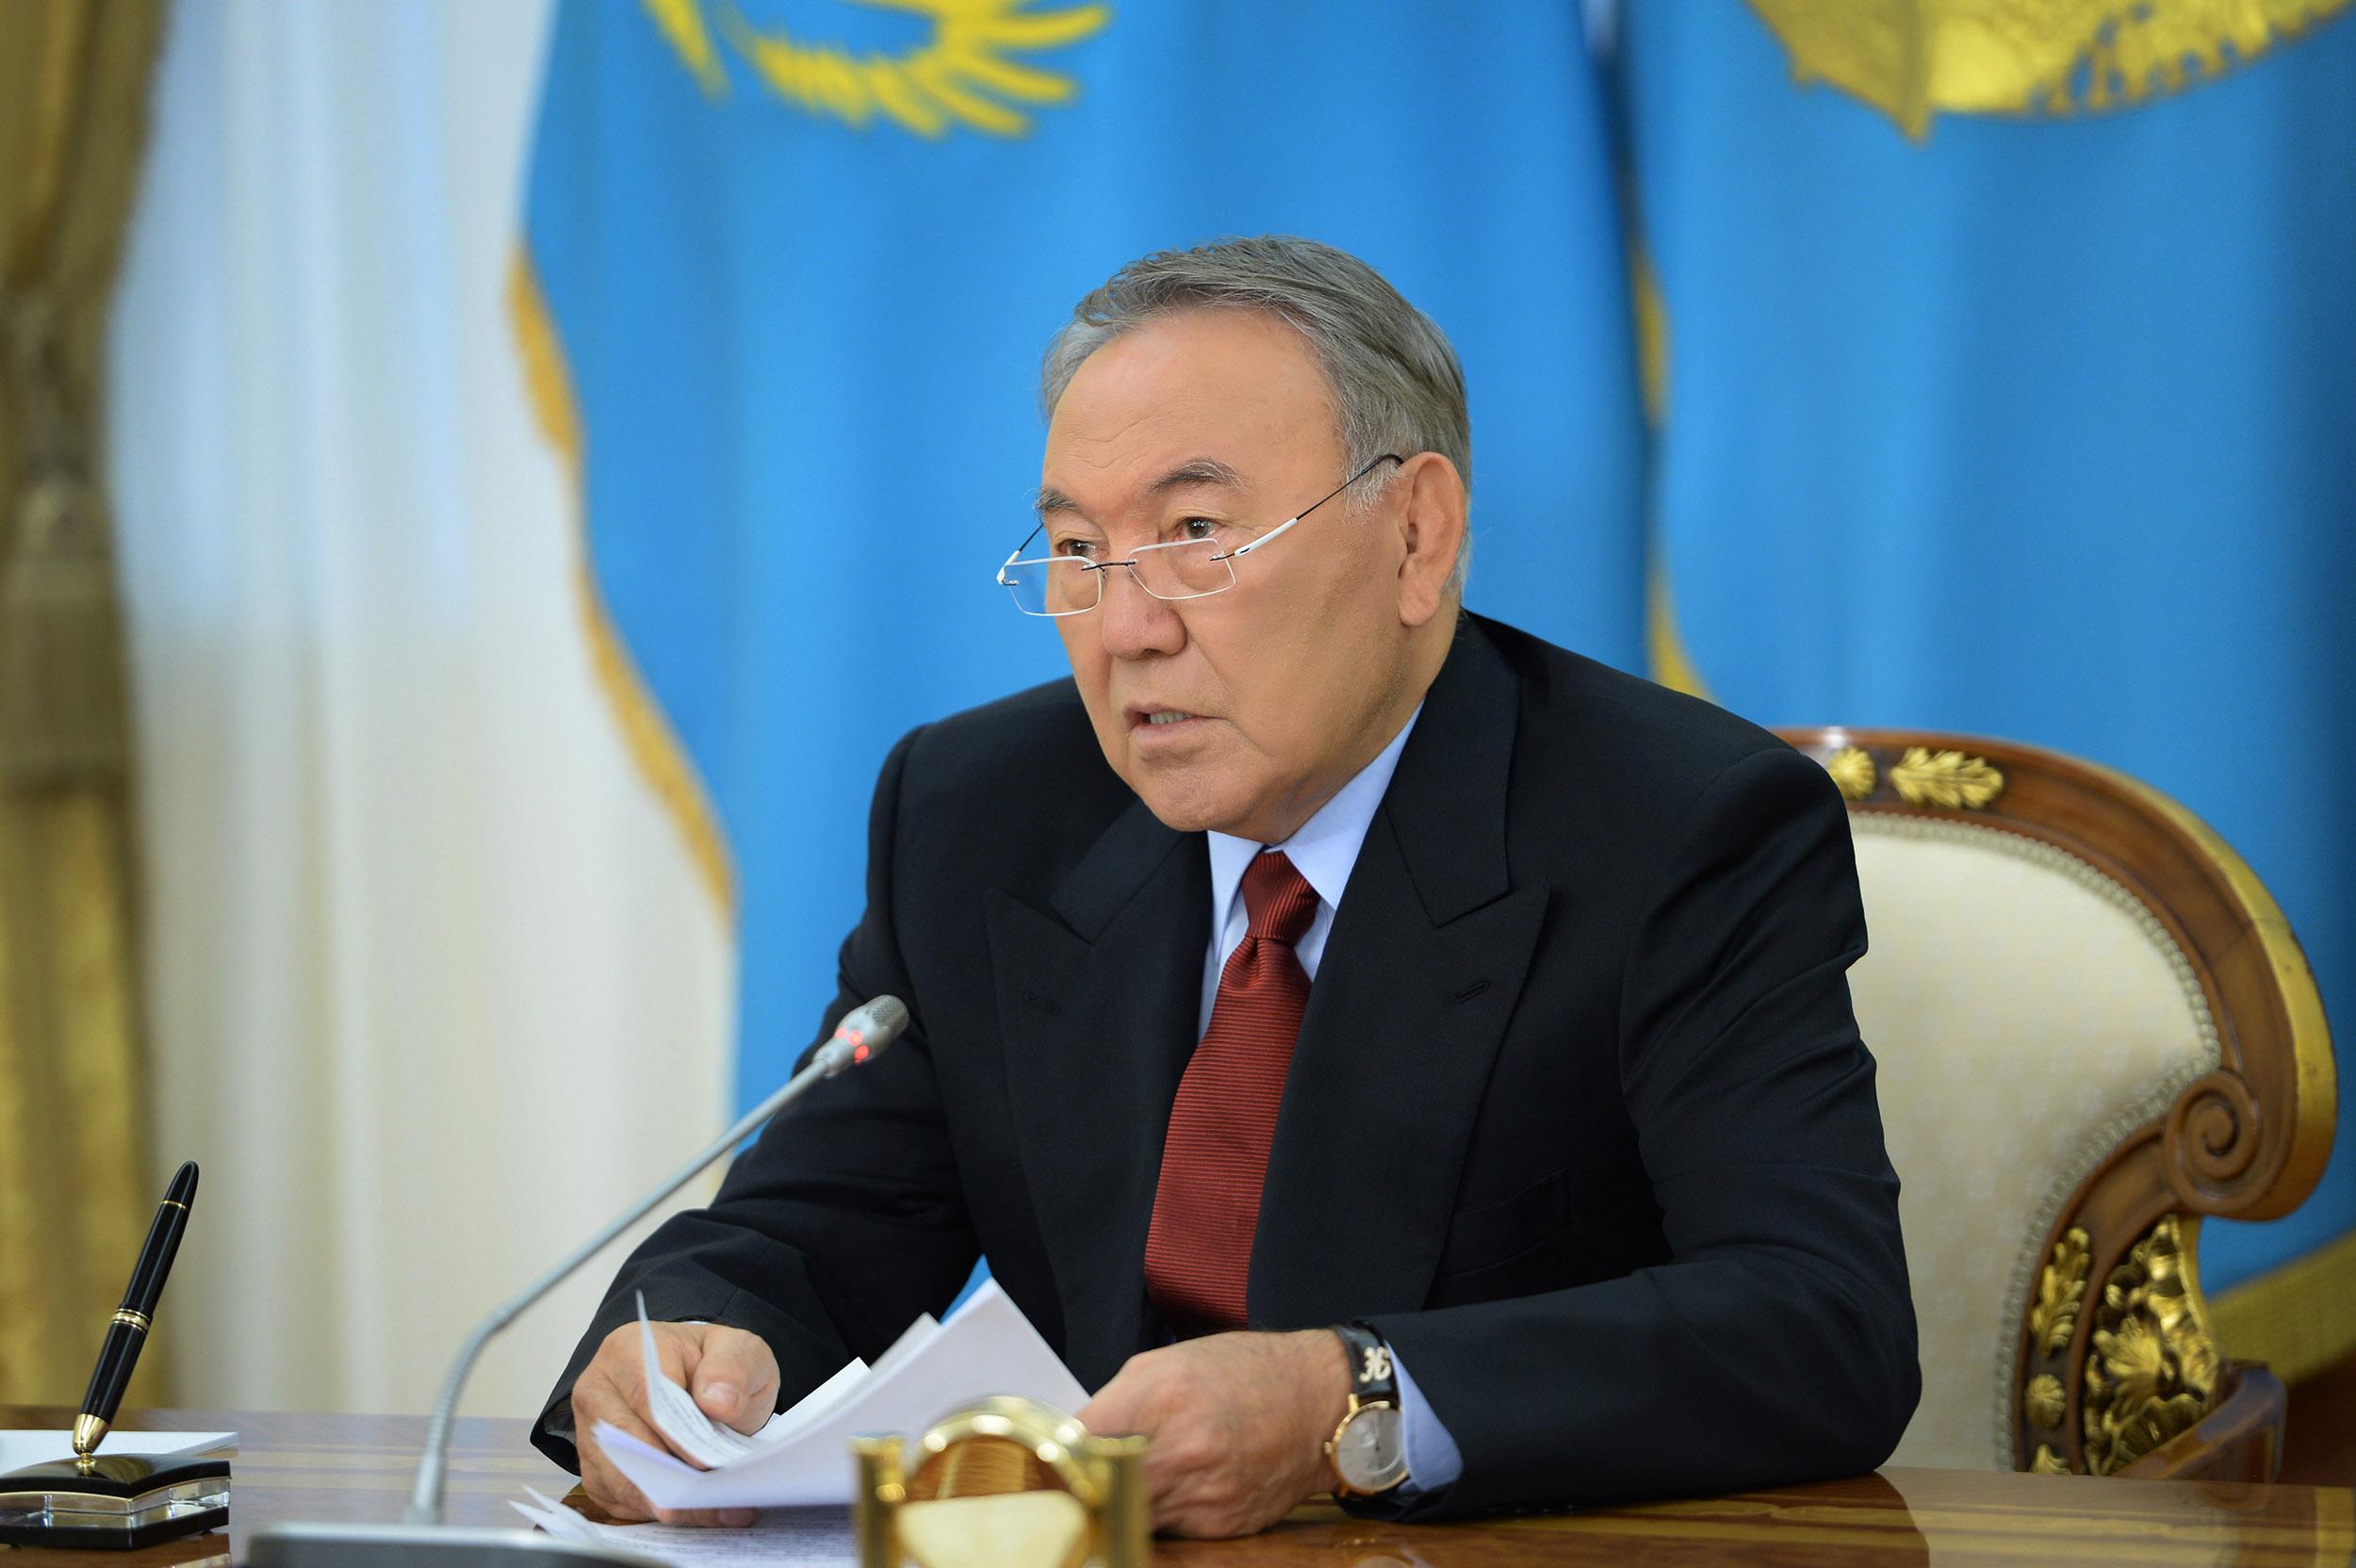 Как Президент Казахстана я принял решение о сложении полномочий - Нурсултан Назарбаев